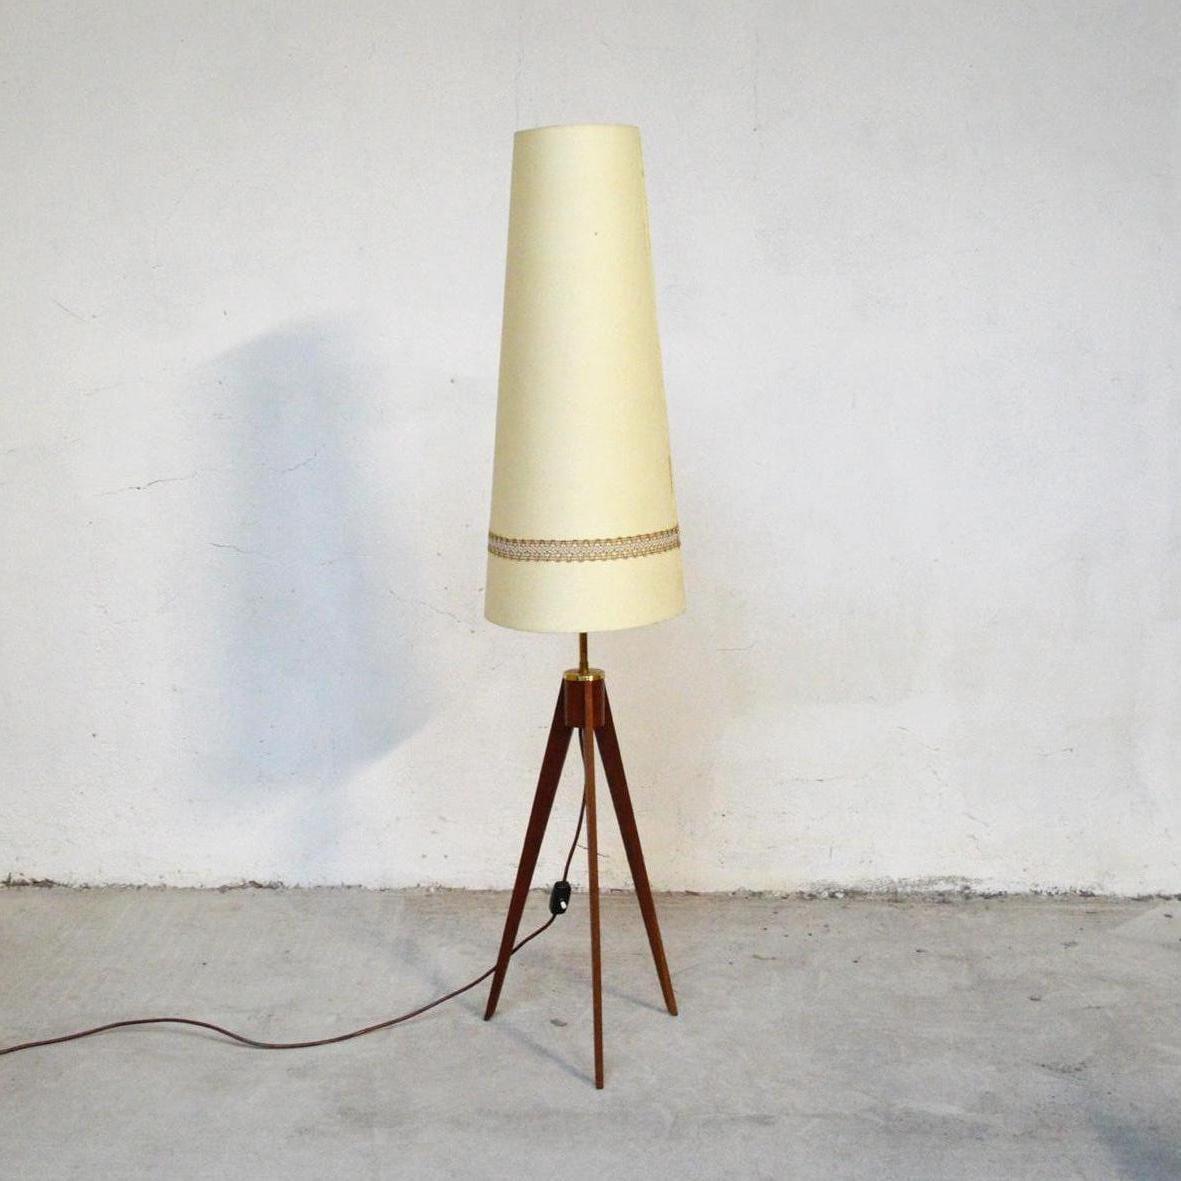 Faszinierend Dreibein Stehlampe Beste Wahl Teak Stehlampe, 1960er